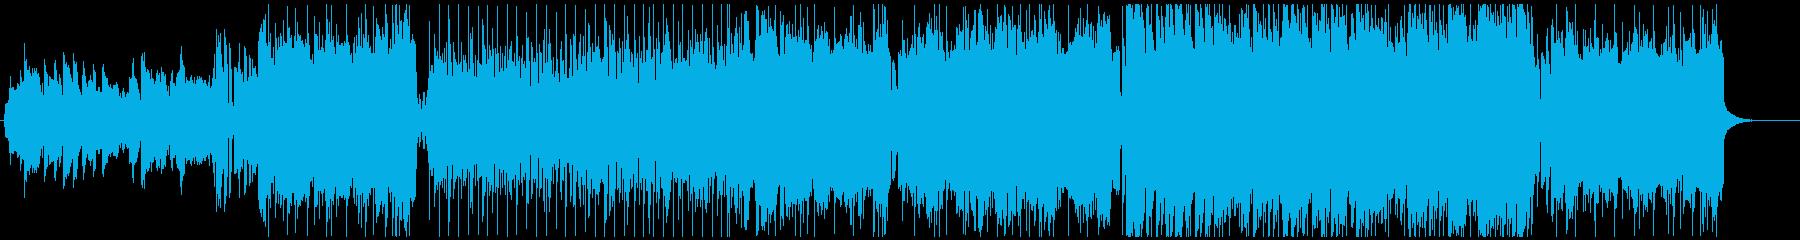 和風バトル系アニメ主題歌 女性歌ロック の再生済みの波形